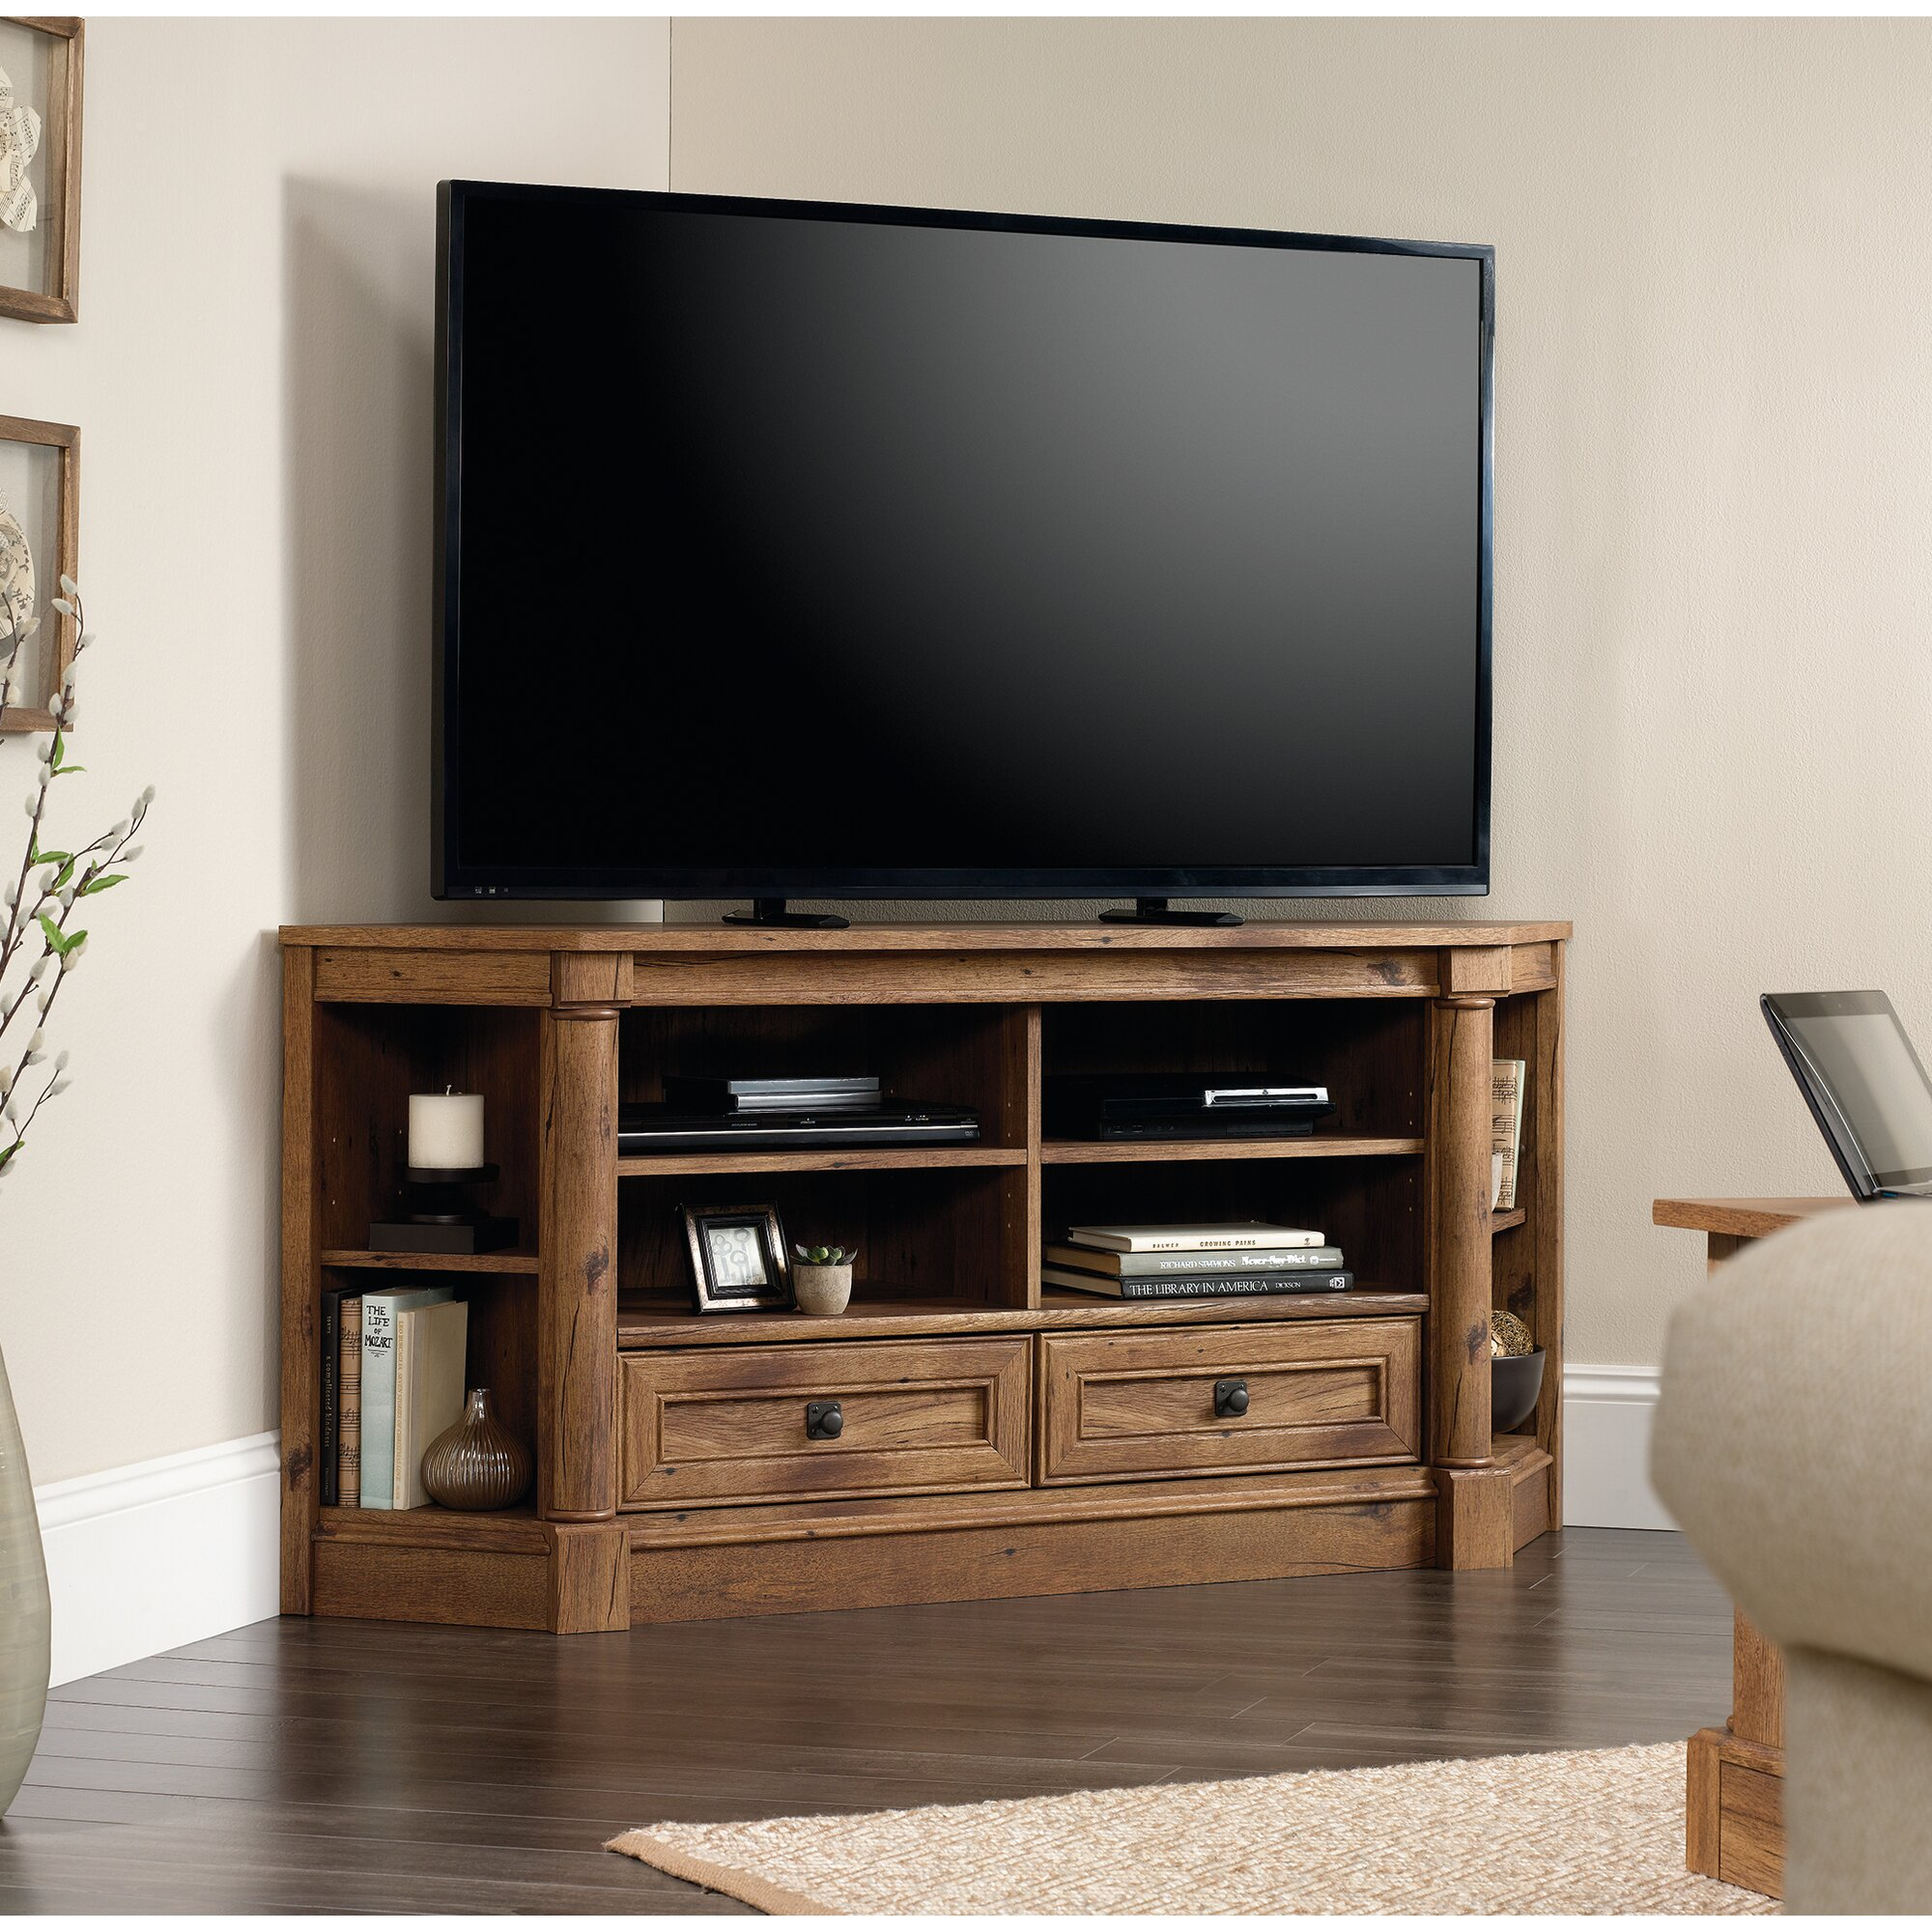 Wayfair basics wayfair basics 7 piece comforter set amp reviews - Sagers Corner Tv Stand